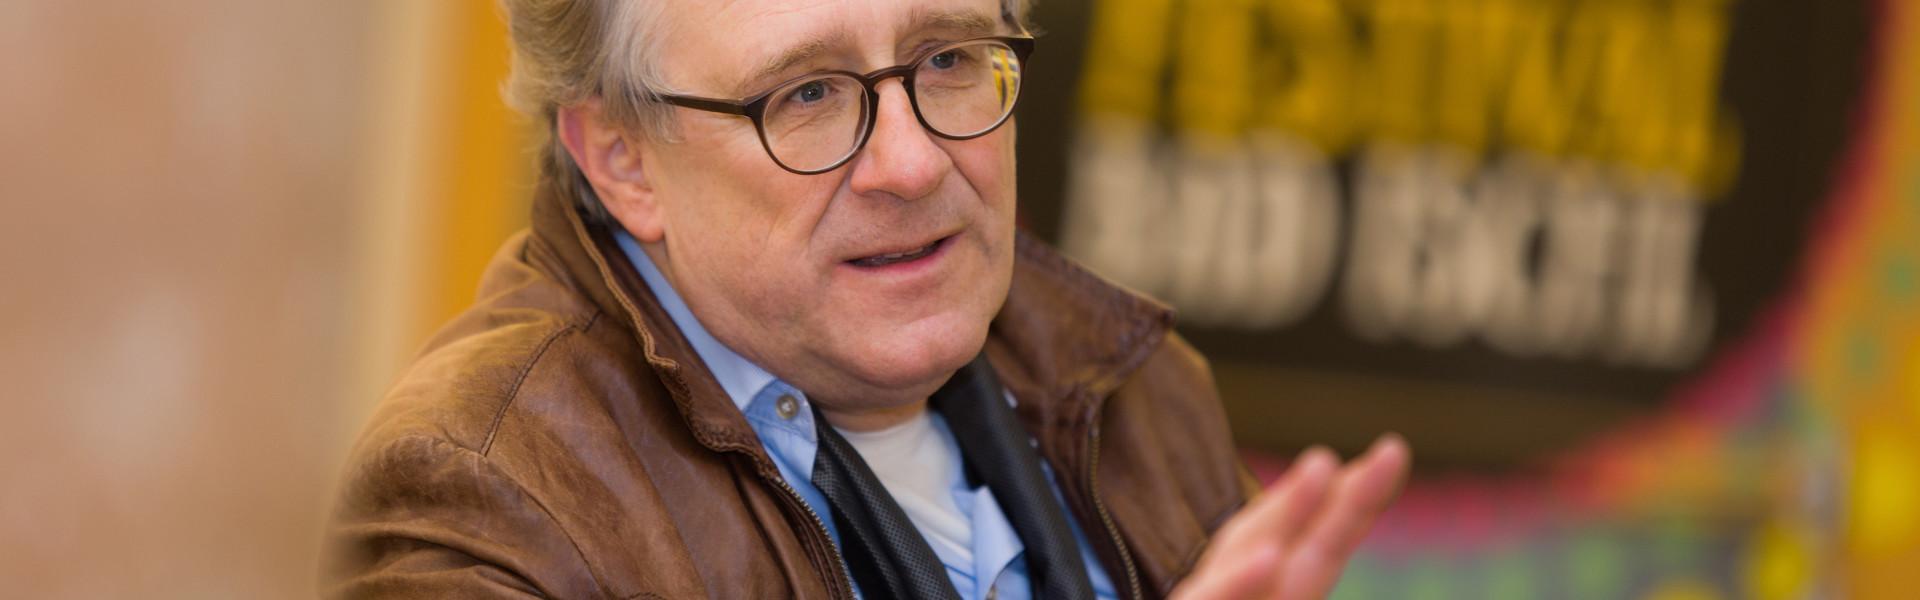 Intendant Thomas Enzinger © fotohofer.at